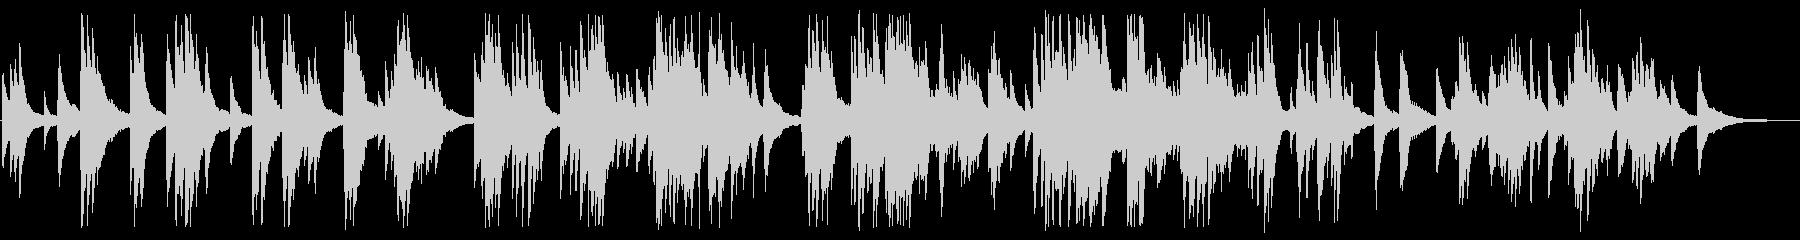 憂いのある大人のジャズピアノBGMの未再生の波形